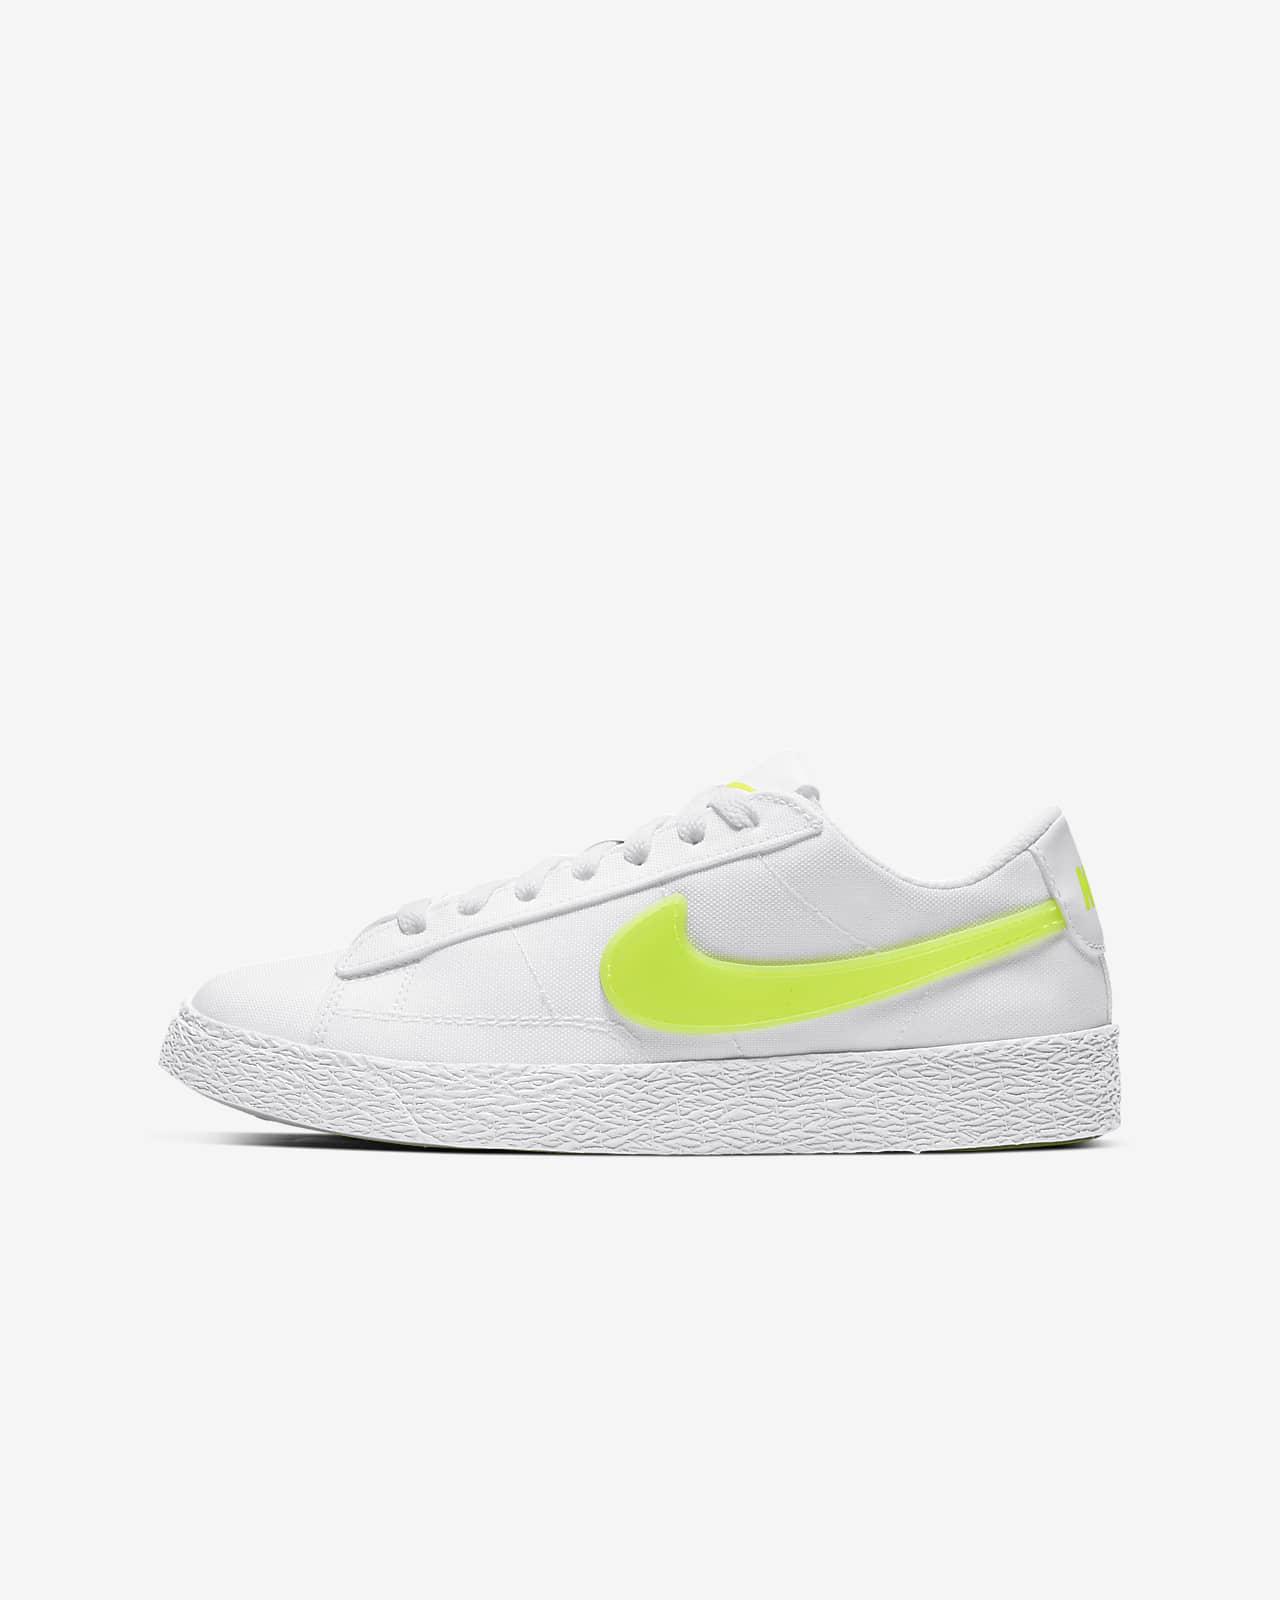 Παπούτσι Nike Blazer Low Pop για μεγάλα παιδιά